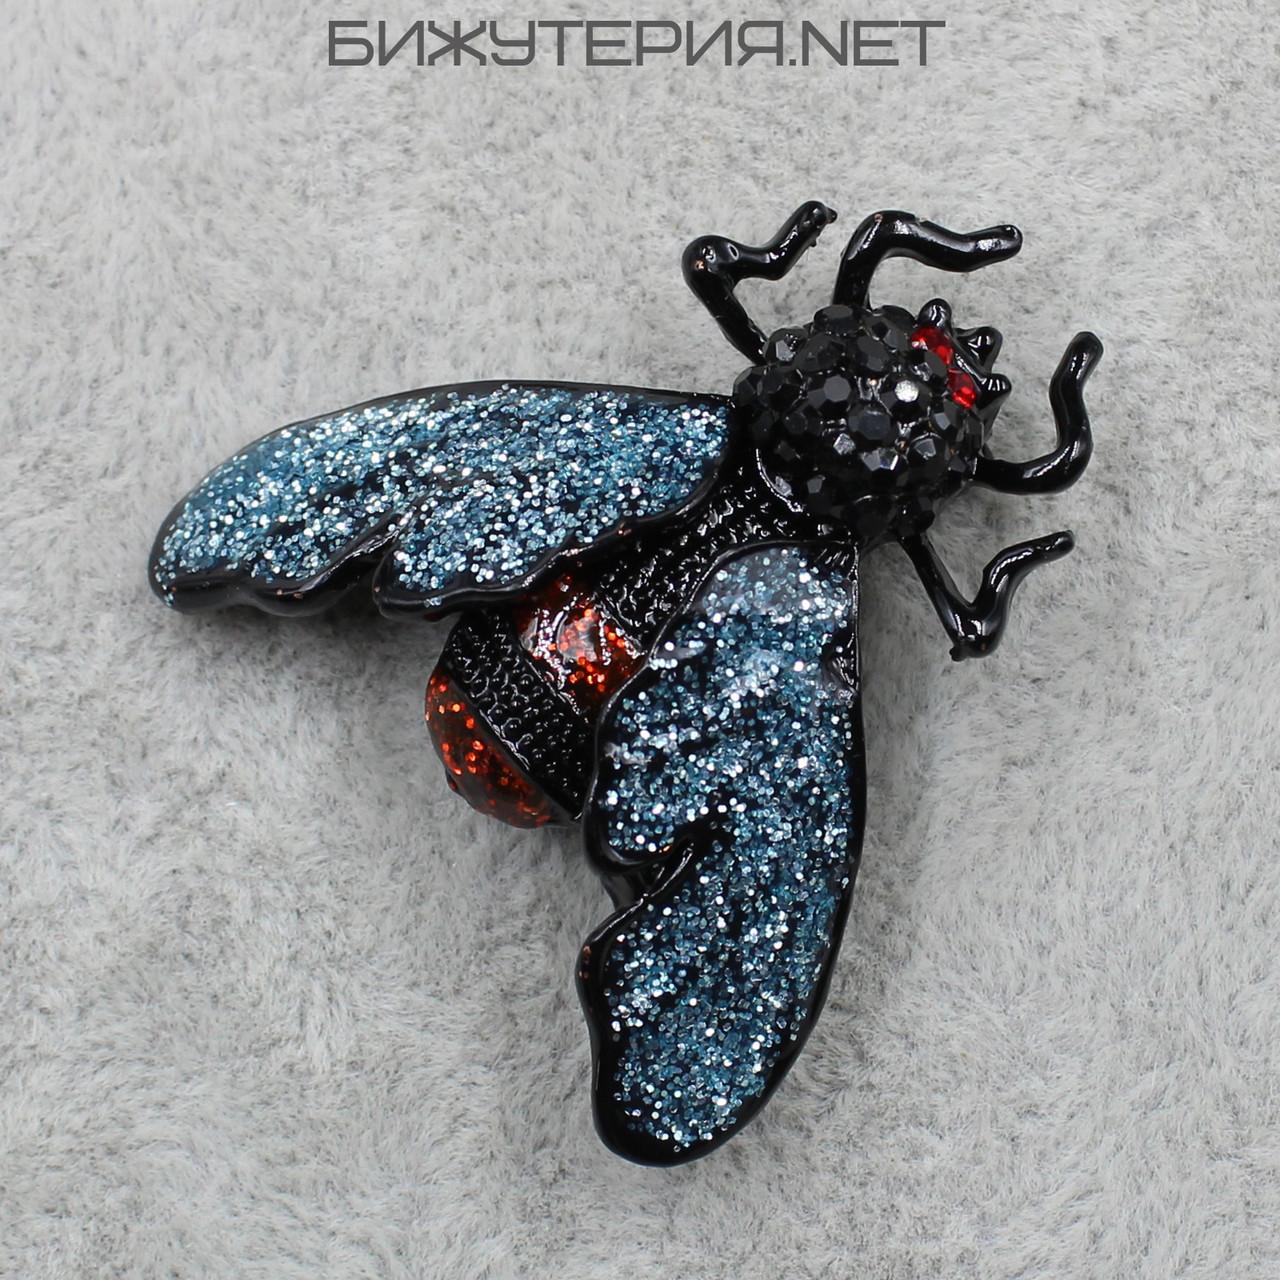 Брошь в виде насекомого JB, с цветными камнями   - 1040605112